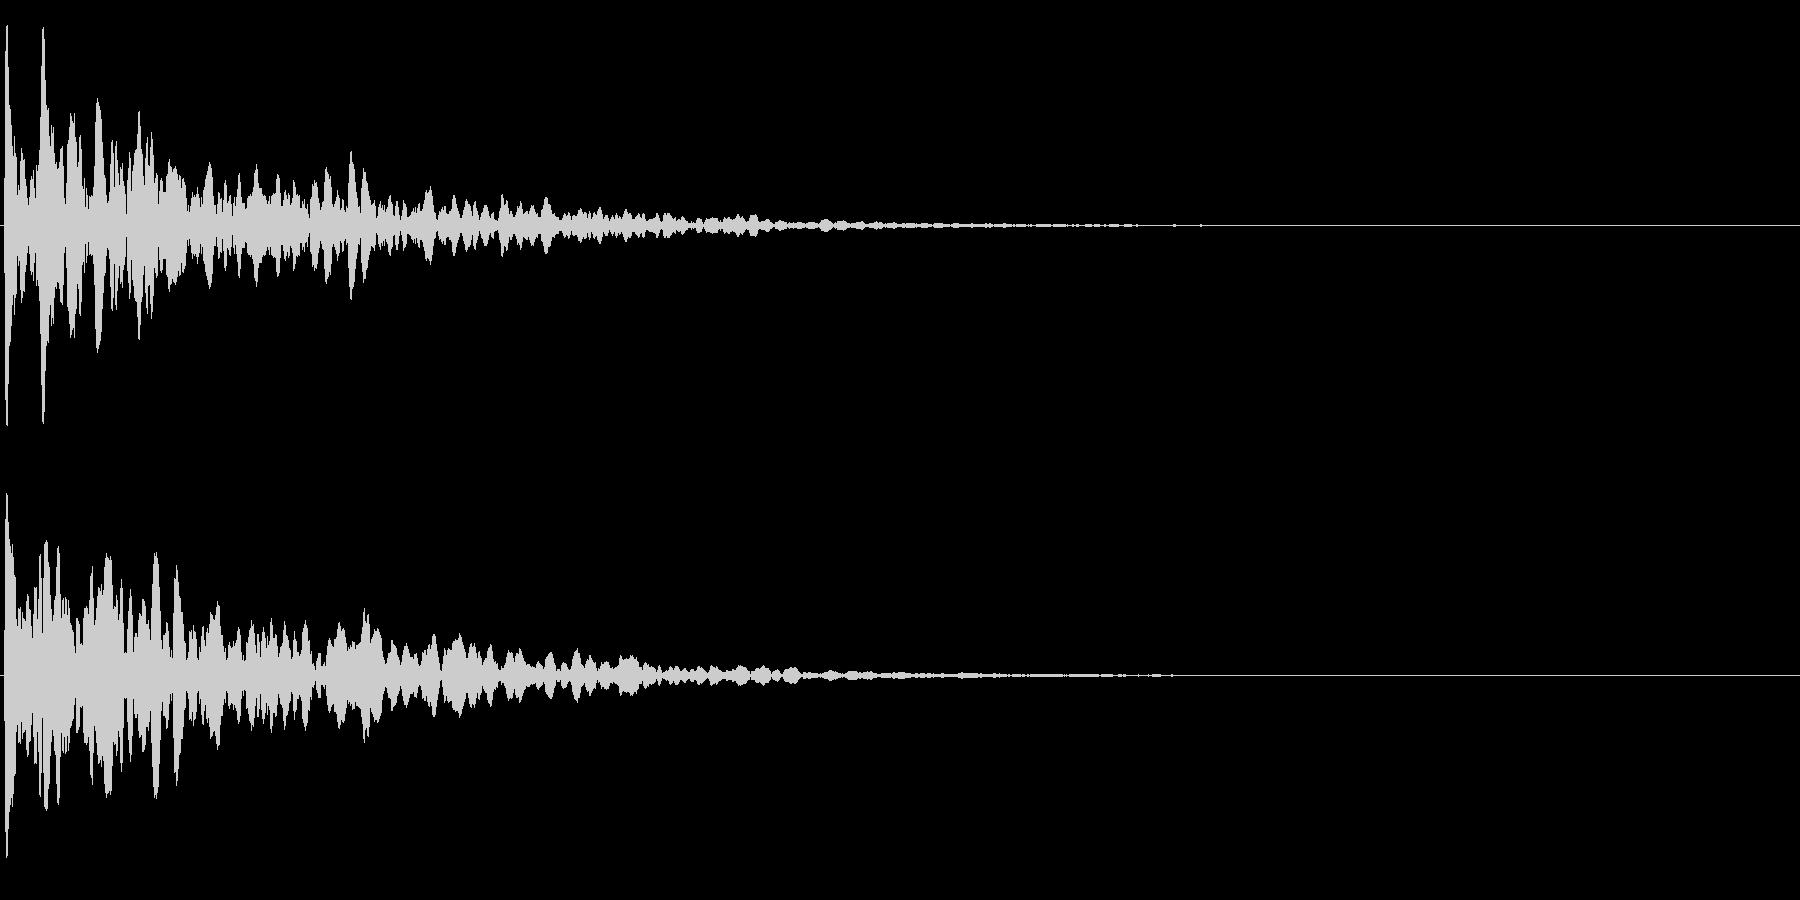 ゲームスタート、決定、ボタン音-056の未再生の波形